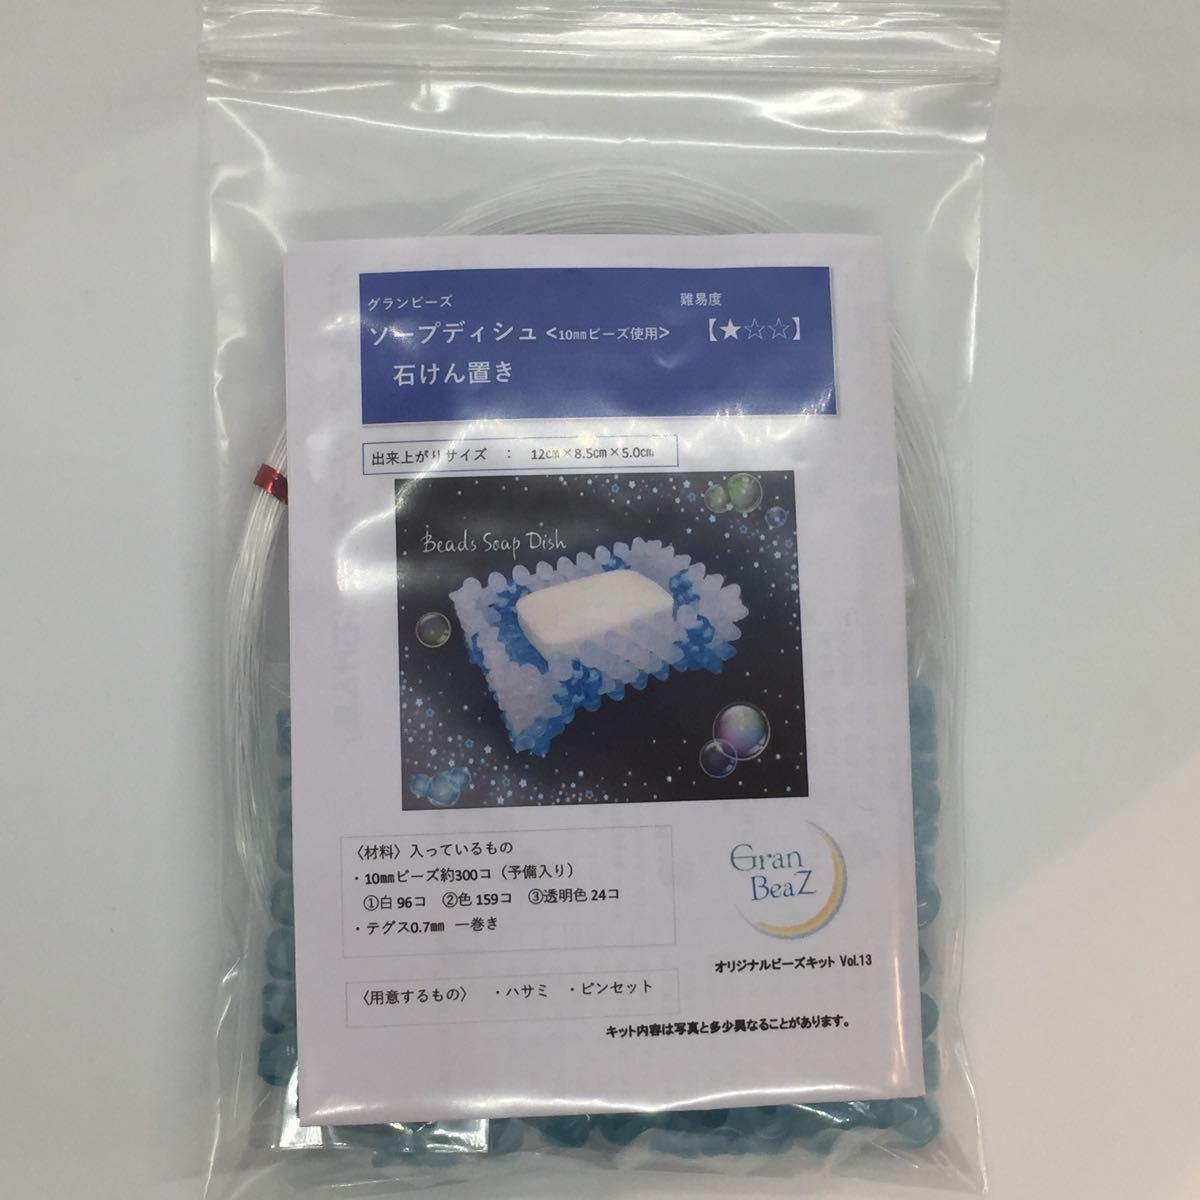 【ビーズキット】石けん皿(ブルー)ソープディッシュ